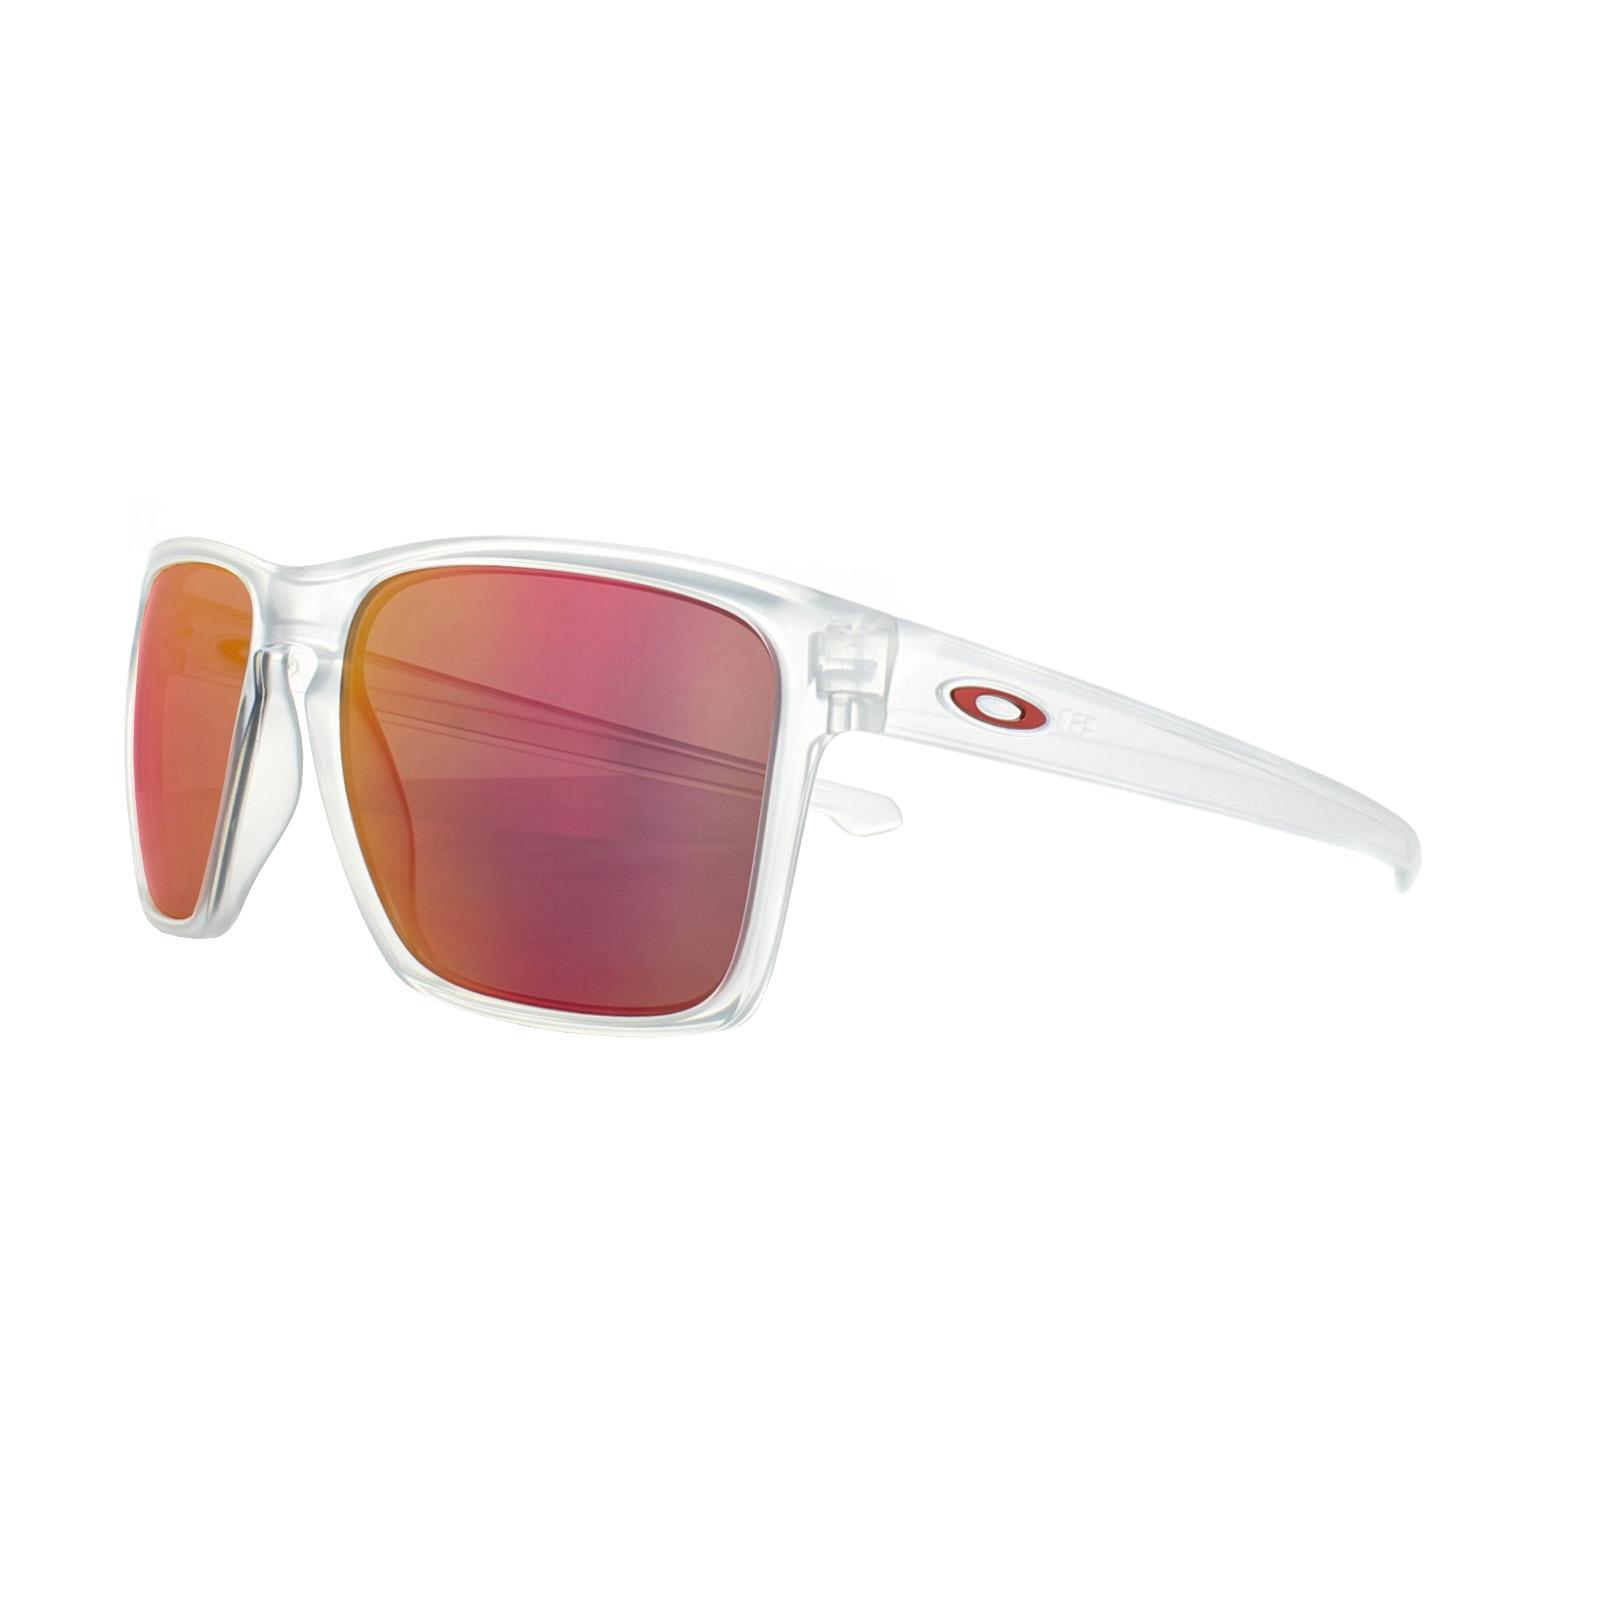 6e0059c4de4 Cheap Oakley Sliver R Sunglasses - Discounted Sunglasses